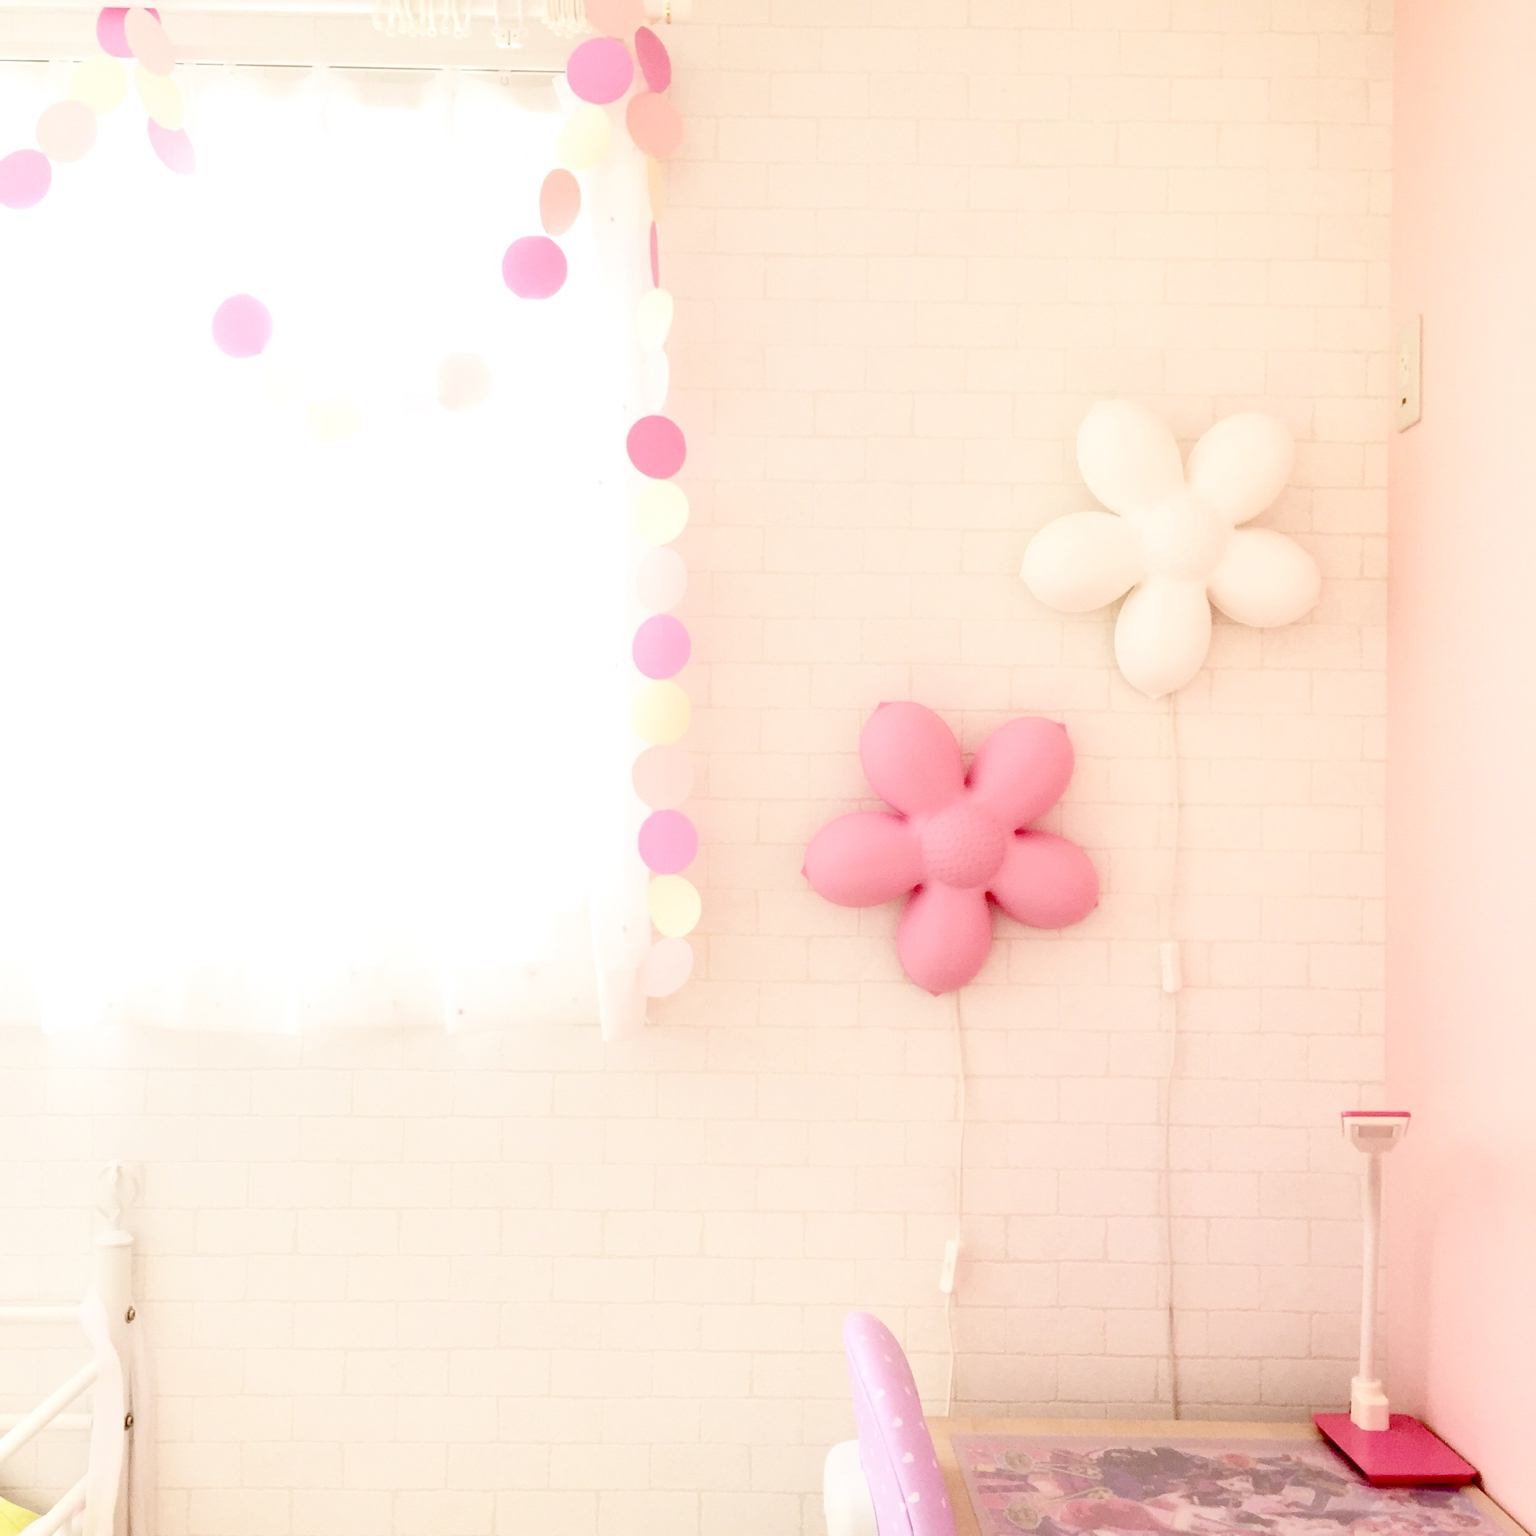 オシャレなキッズ照明を取り入れ、夢を育む子ども部屋